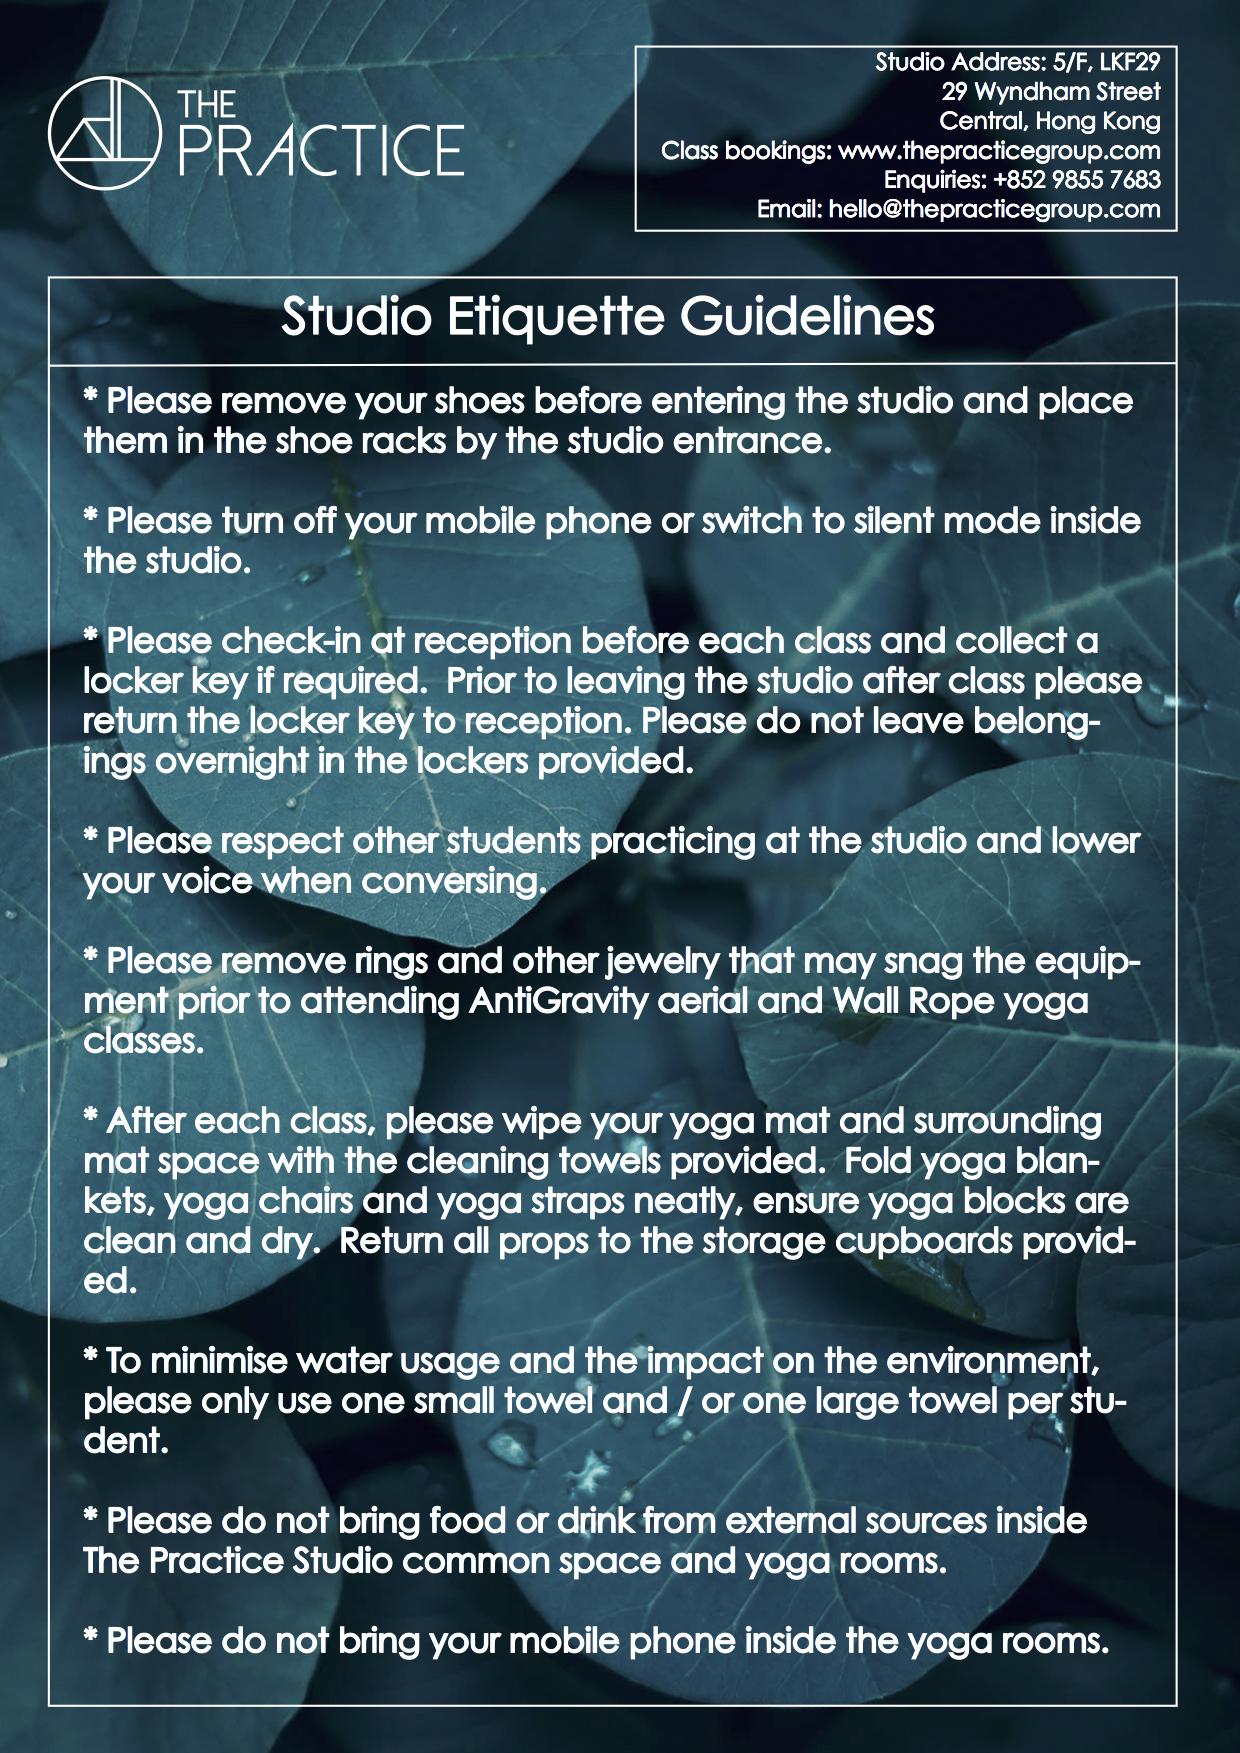 Studio Etiquette